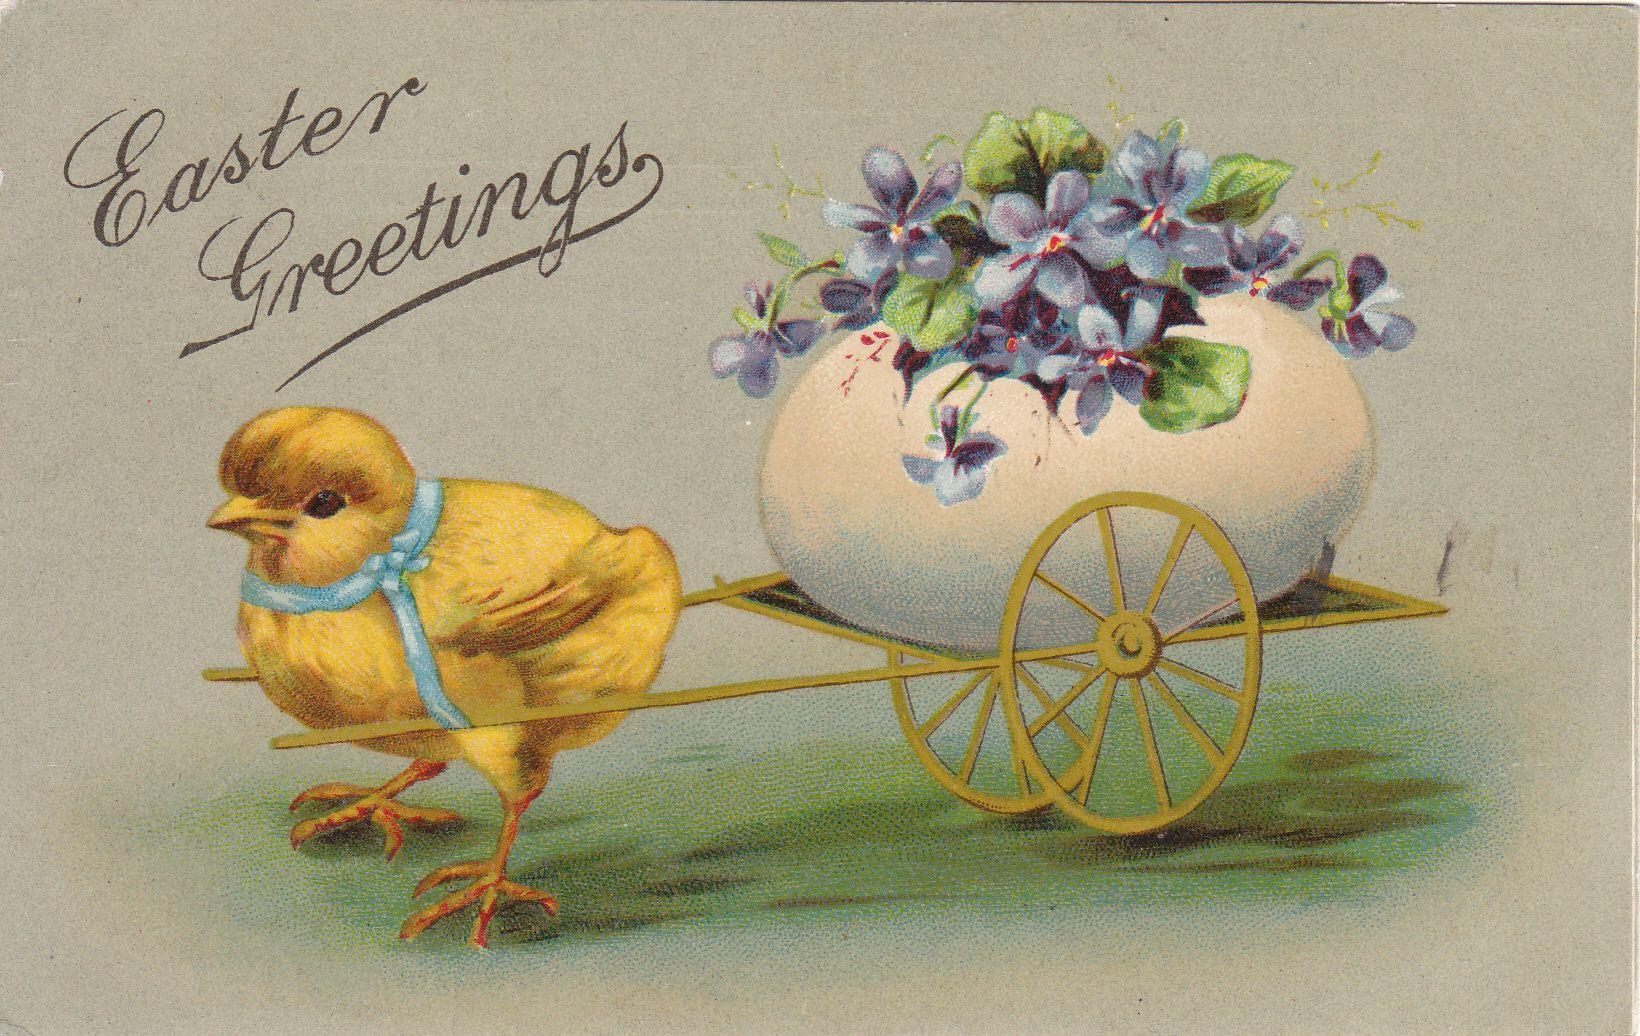 Easter | VINTAGE EASTER CARDS | Pinterest: pinterest.com/pin/546624473494221694